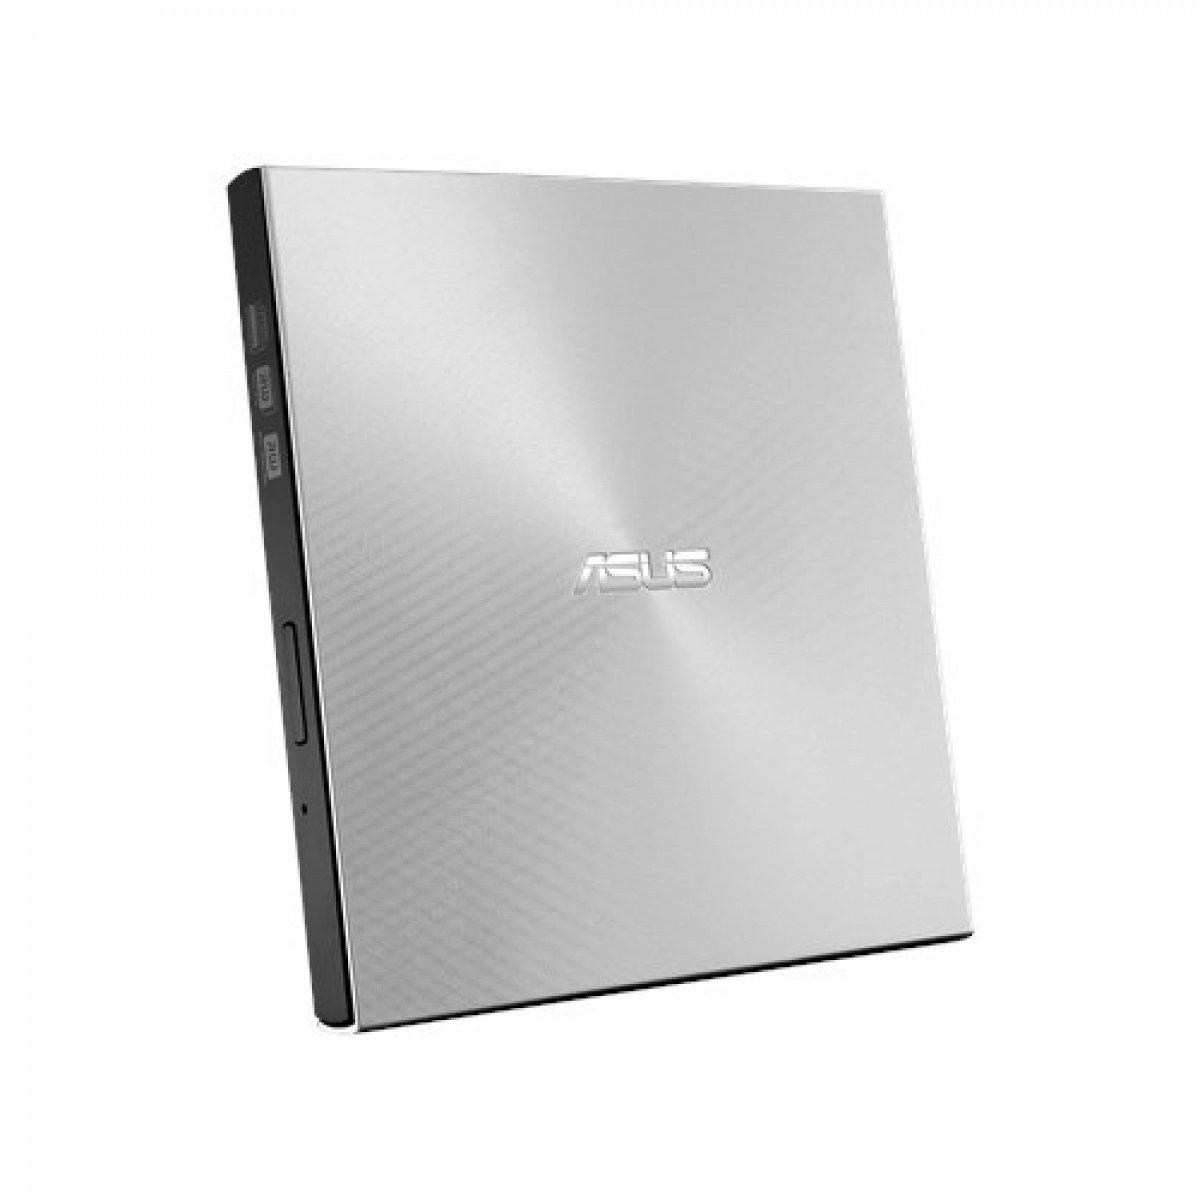 Зовнішній оптичний привід ASUS DVD ± R/RW USB 2.0 ZenDrive U9M Silver фото2